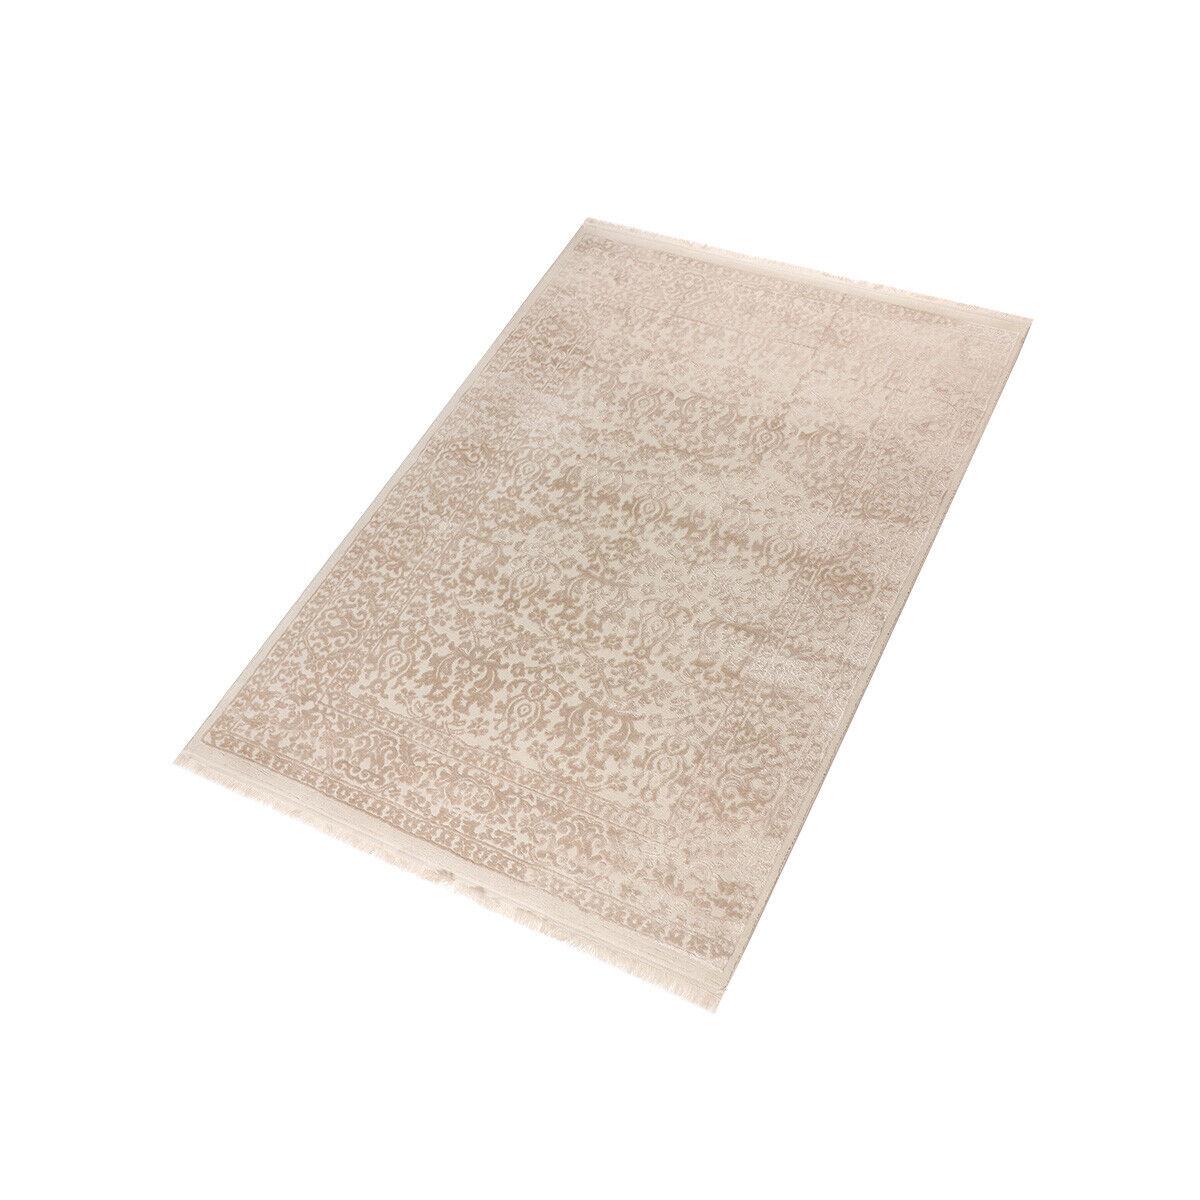 Moderner Teppich Craft Flora - Farbe  Beige     pflegeleicht und farbecht d5ec75